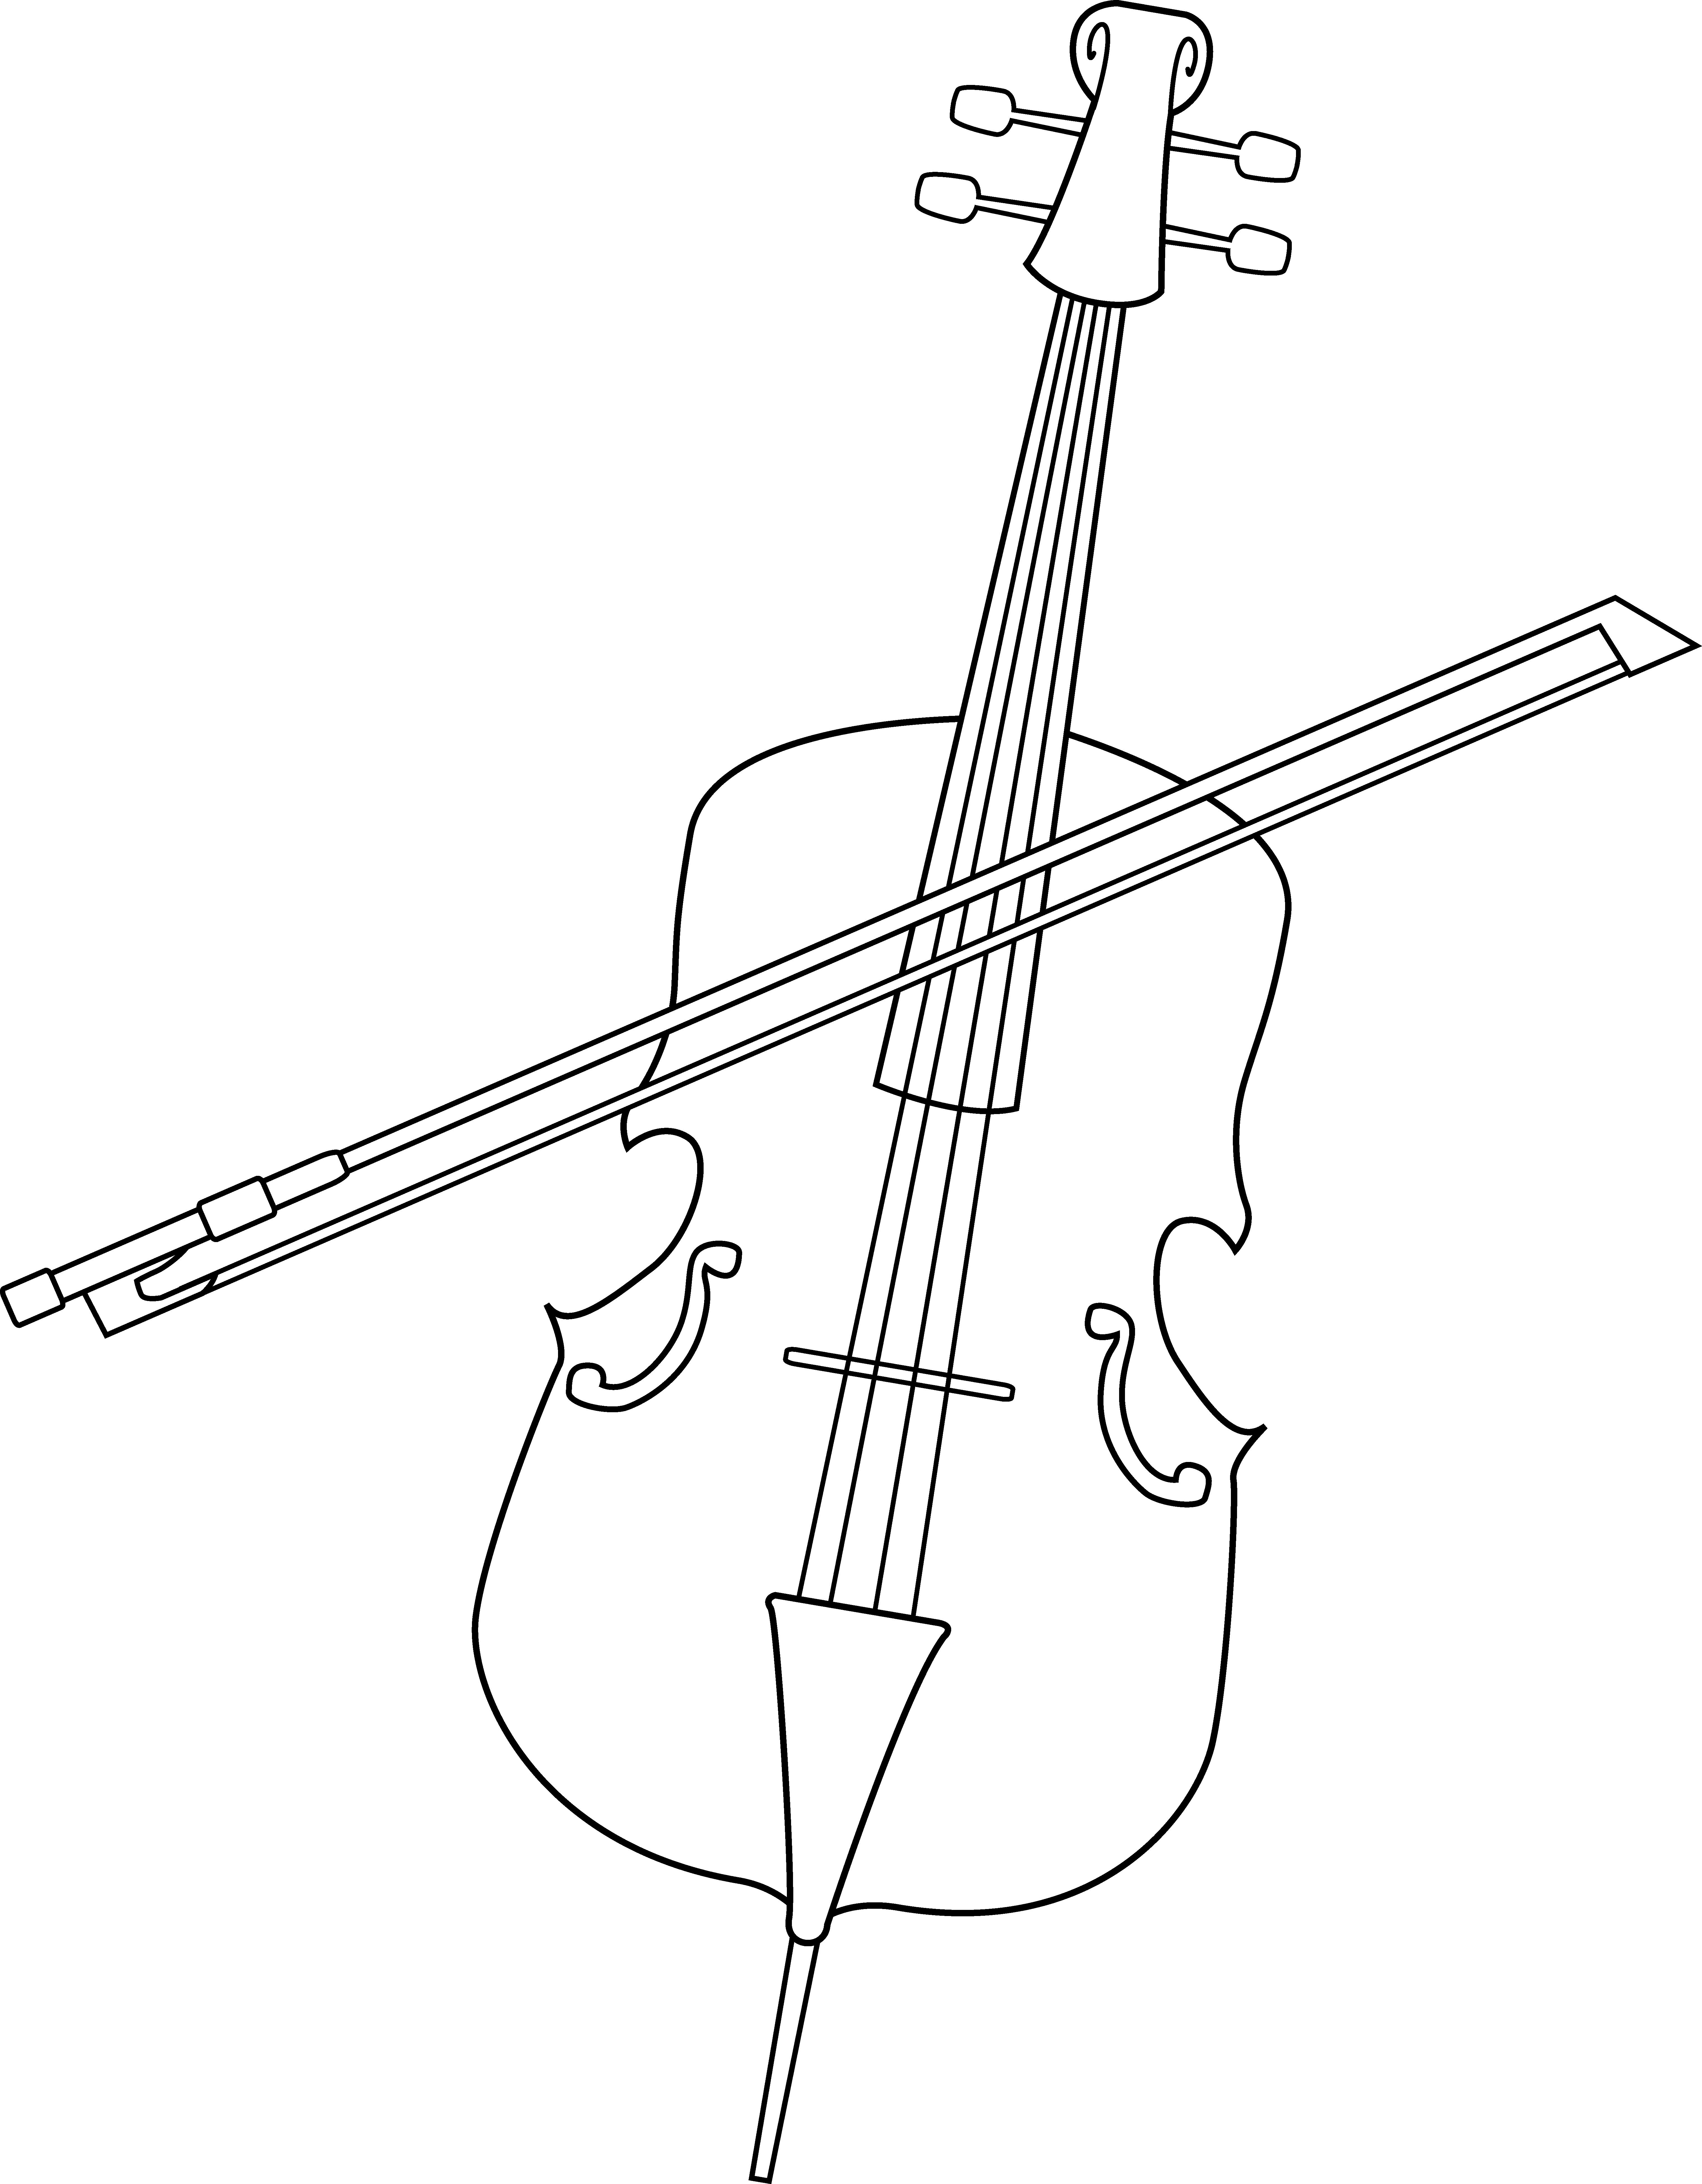 Cello clipart outline. Elegant line art free